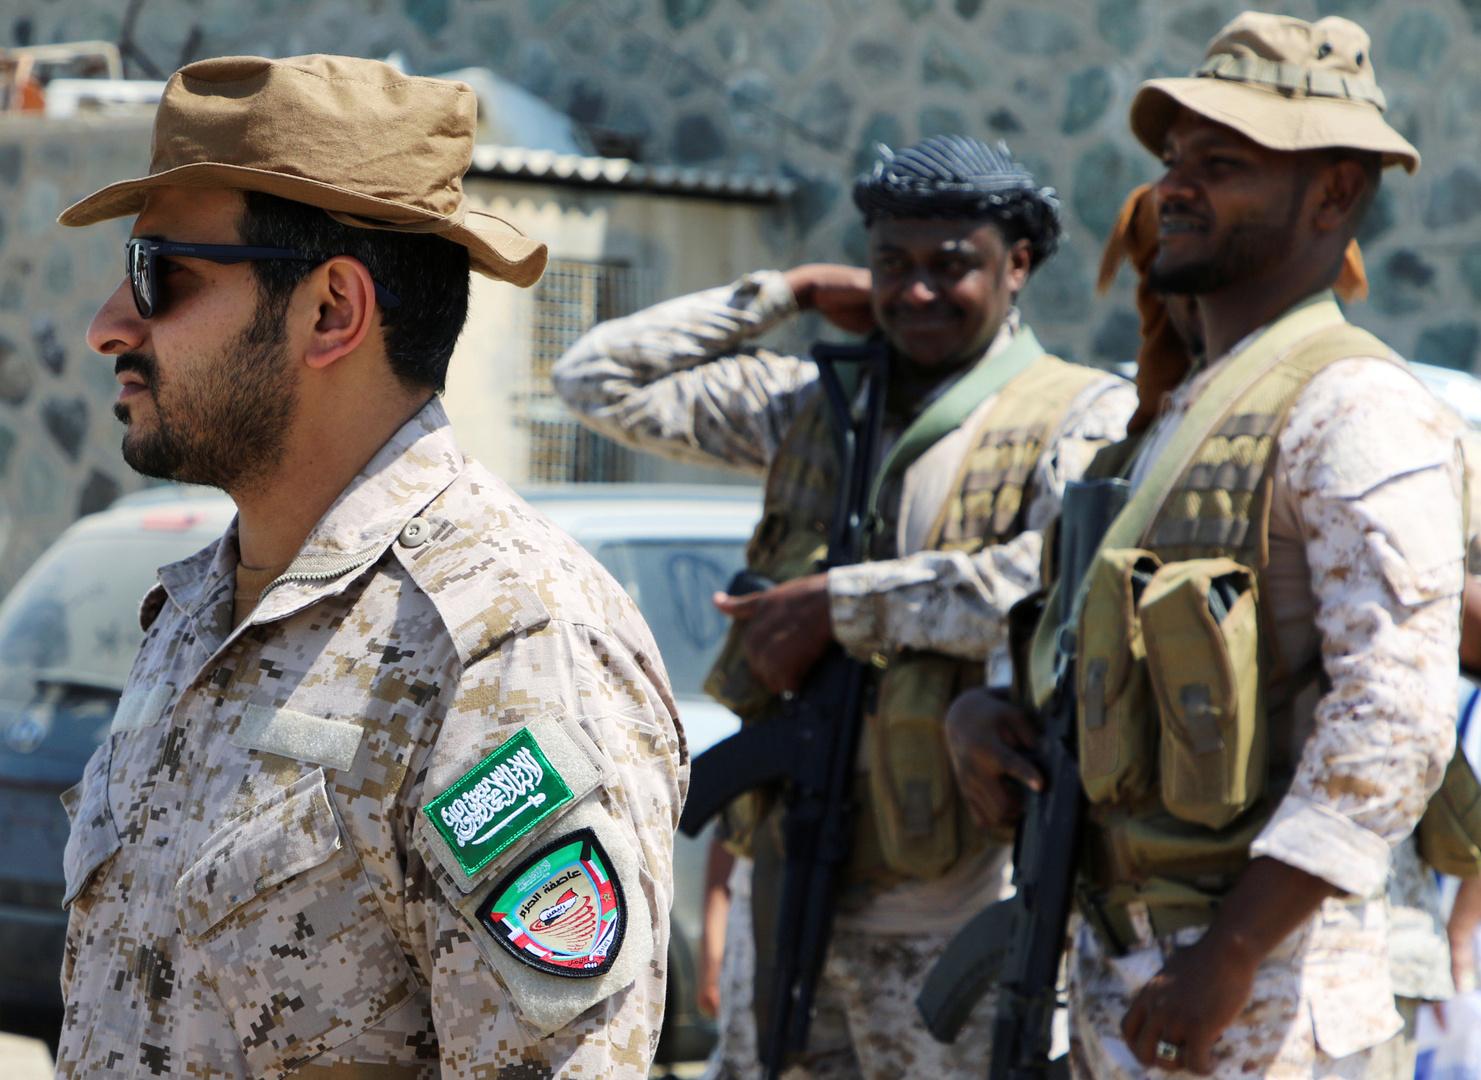 التحالف العربي: تم اعتراض 4 صواريخ و6 طائرات مسيرة للحوثيين